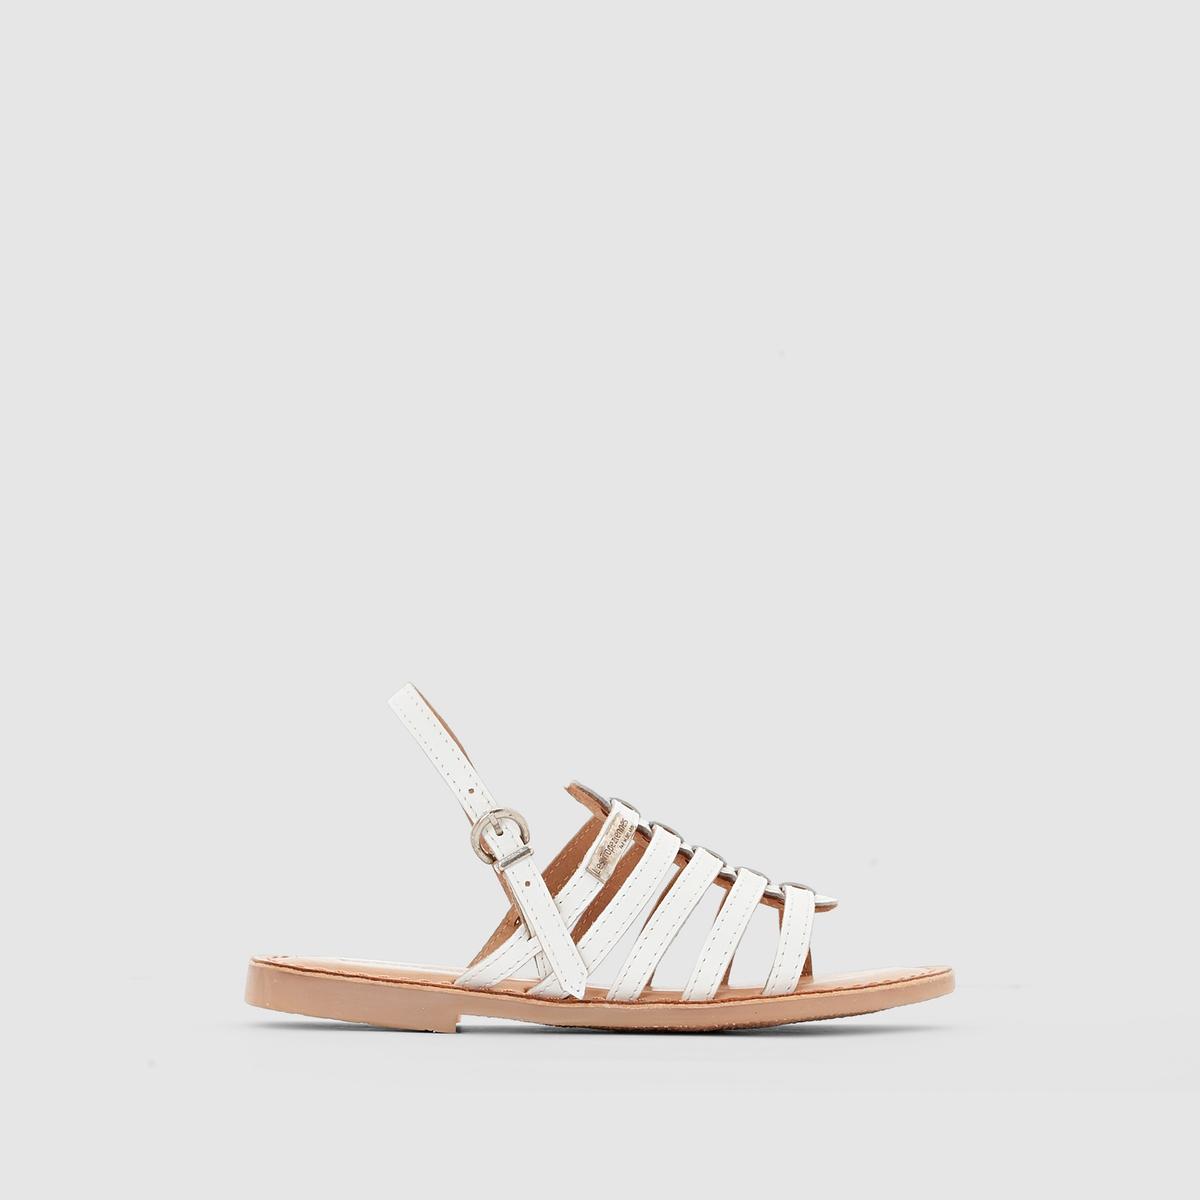 Сандалии из кожи с ремешкамиМягкие и удобные сандалии от M. Belarbi: комфорт и стиль!<br><br>Цвет: белый,темно-коричневый<br>Размер: 30.31